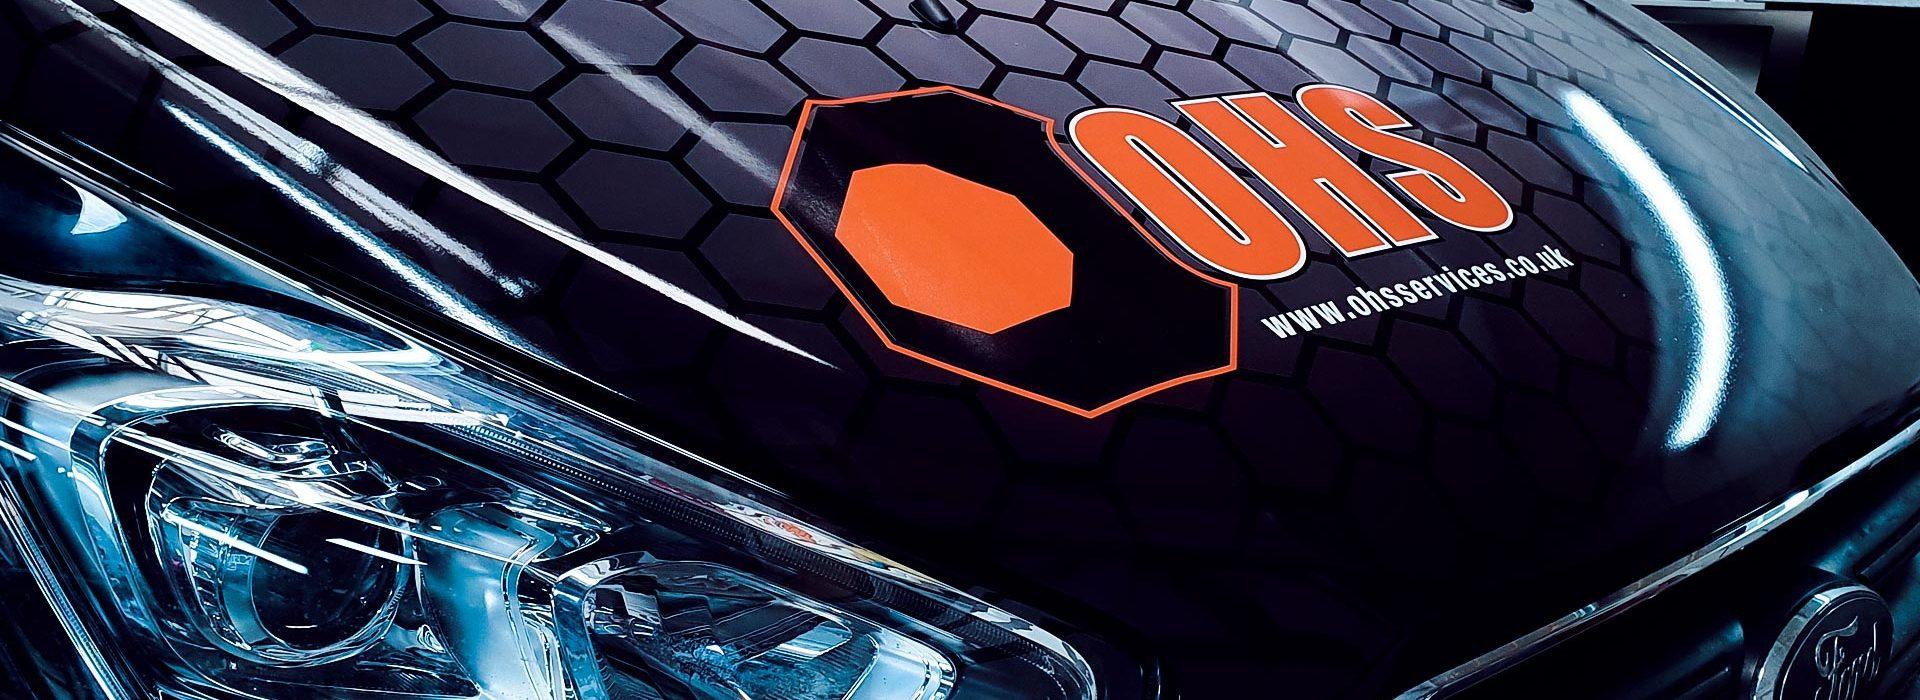 Portfolio - OHS Services Ltd Van Wrap Front Bonnet - Insignia Signs